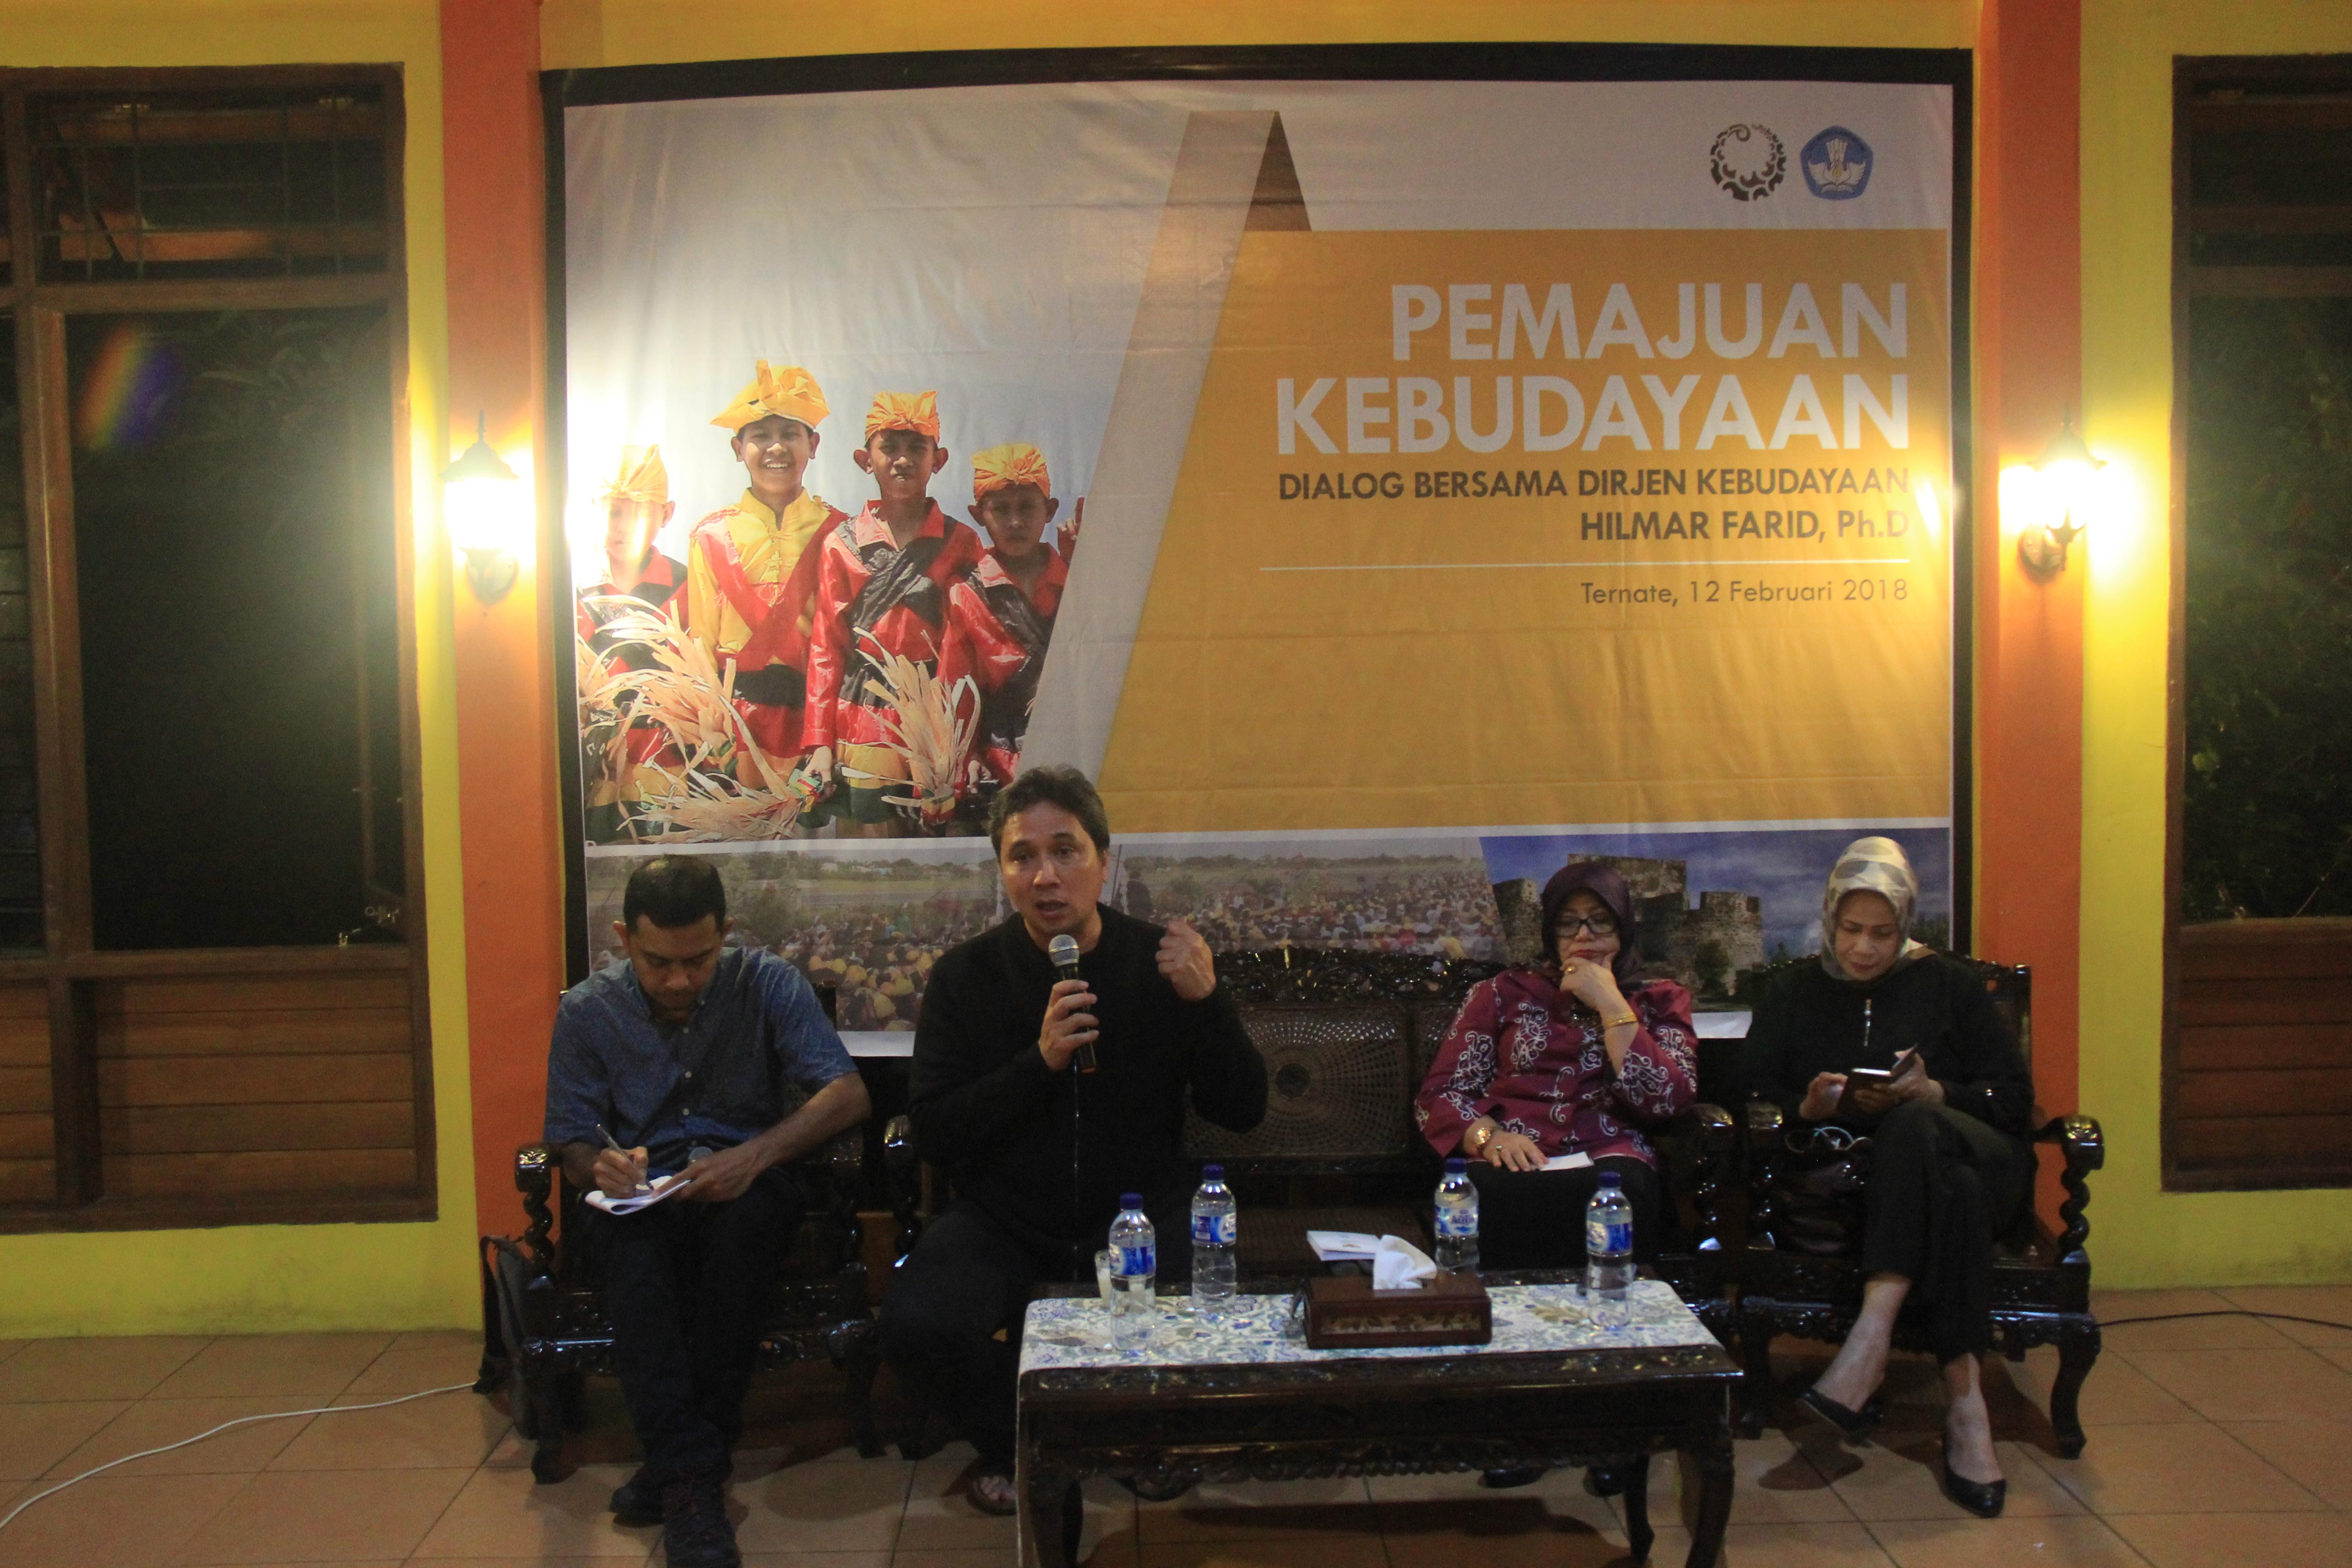 Kabar dari Ternate : Komunitas dan Pemajuan Kebudayaan